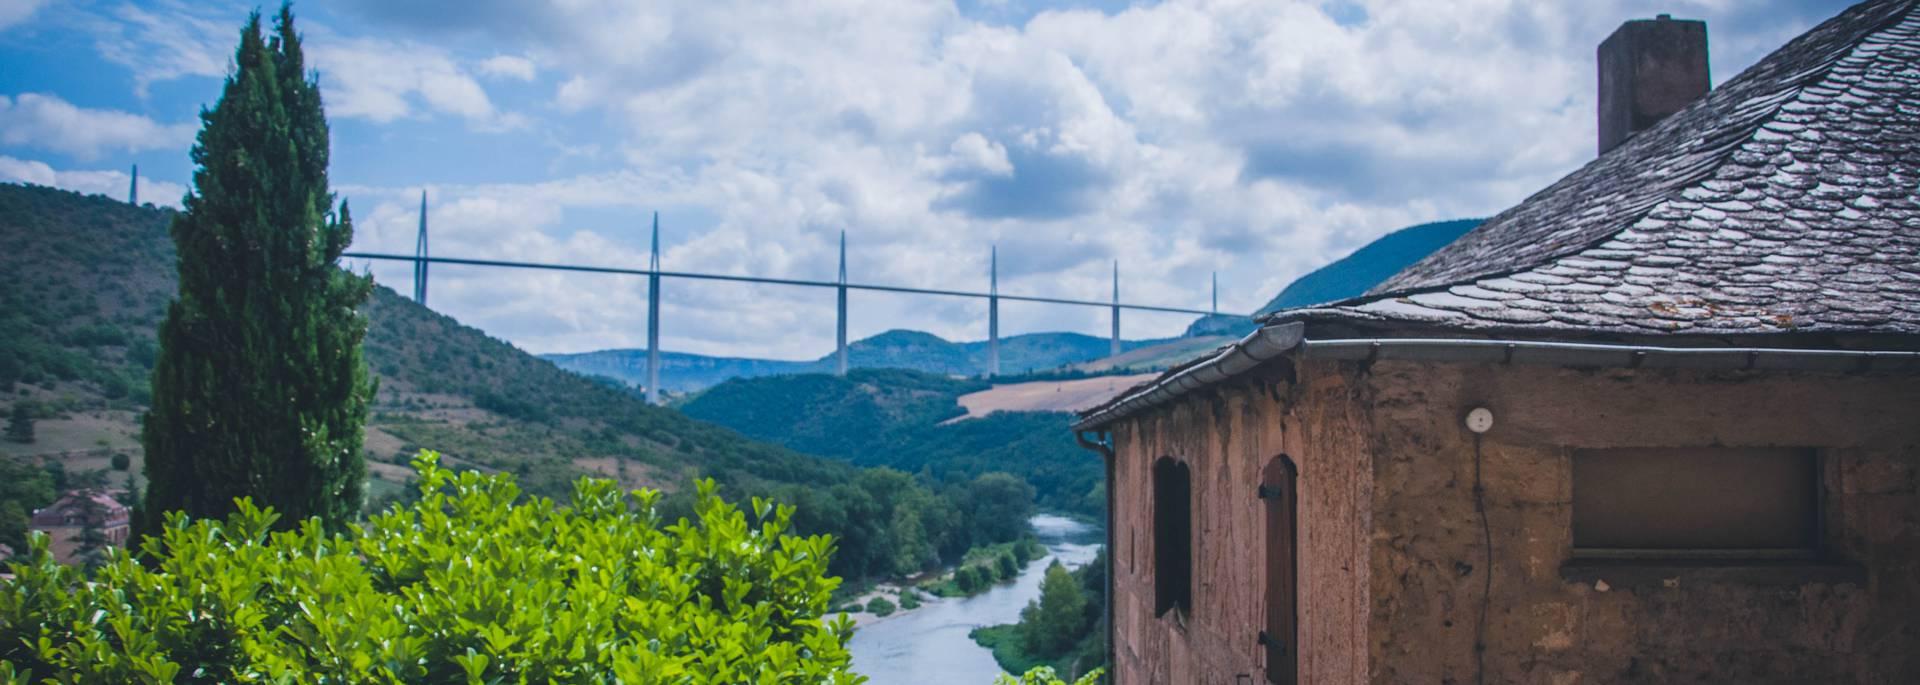 Peyre et le Viaduc de Millau